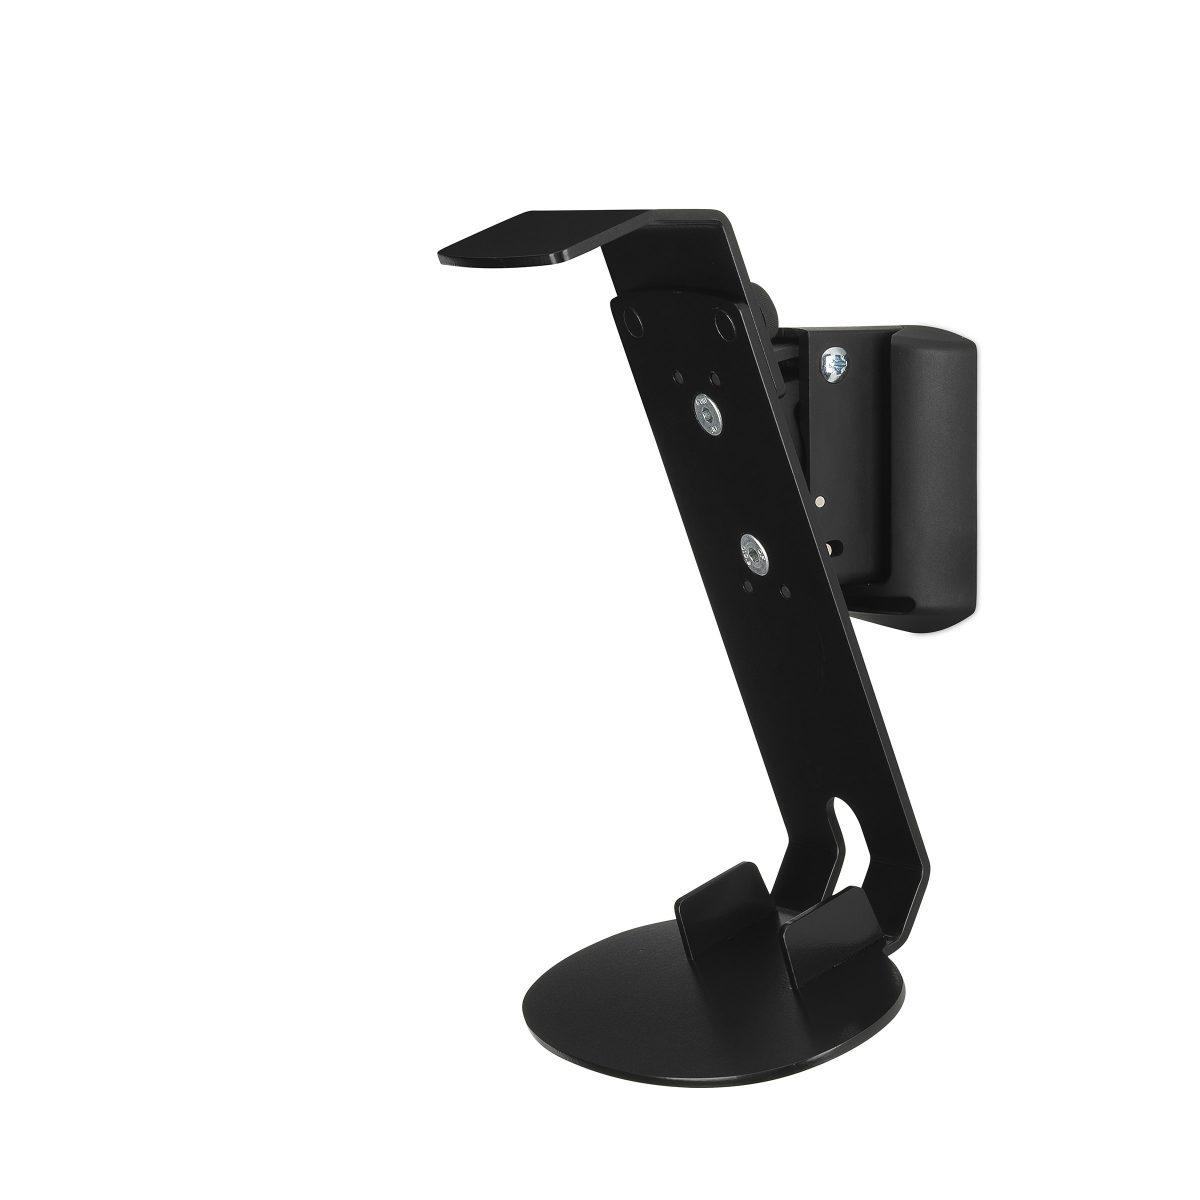 Bose Home Speaker 500 muurbeugel zwart 4